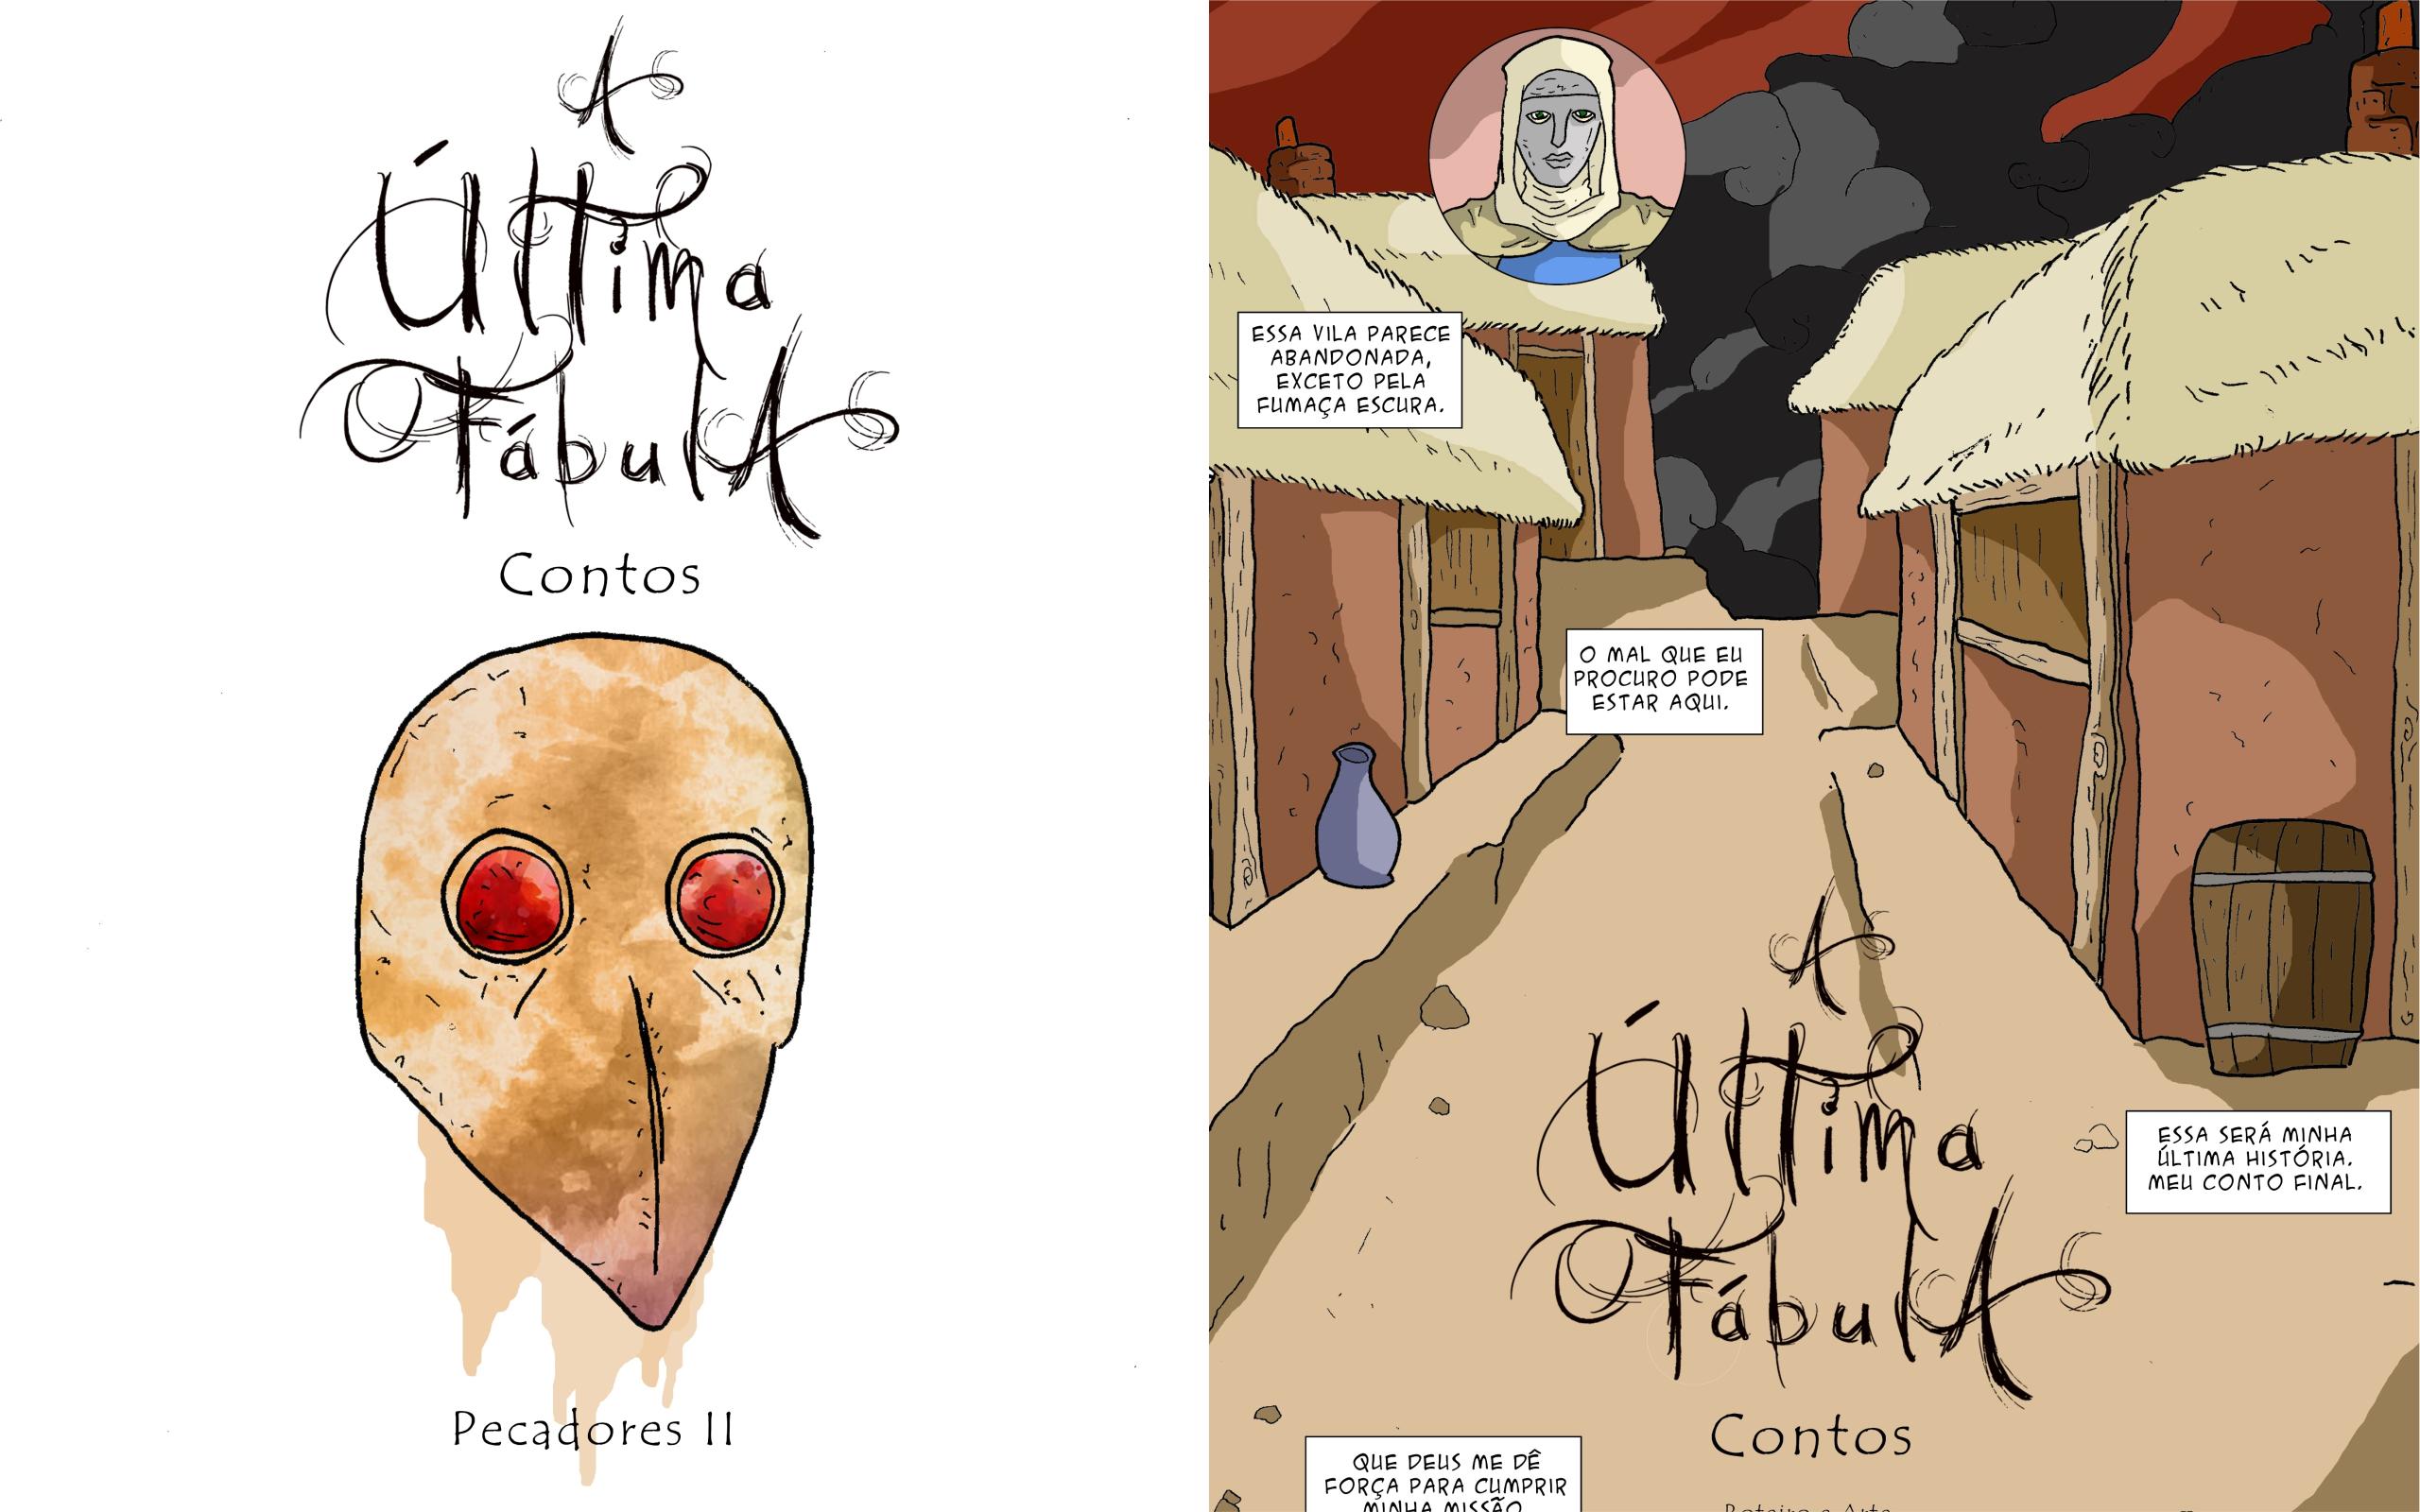 Jornalista goiano lança história em quadrinhos